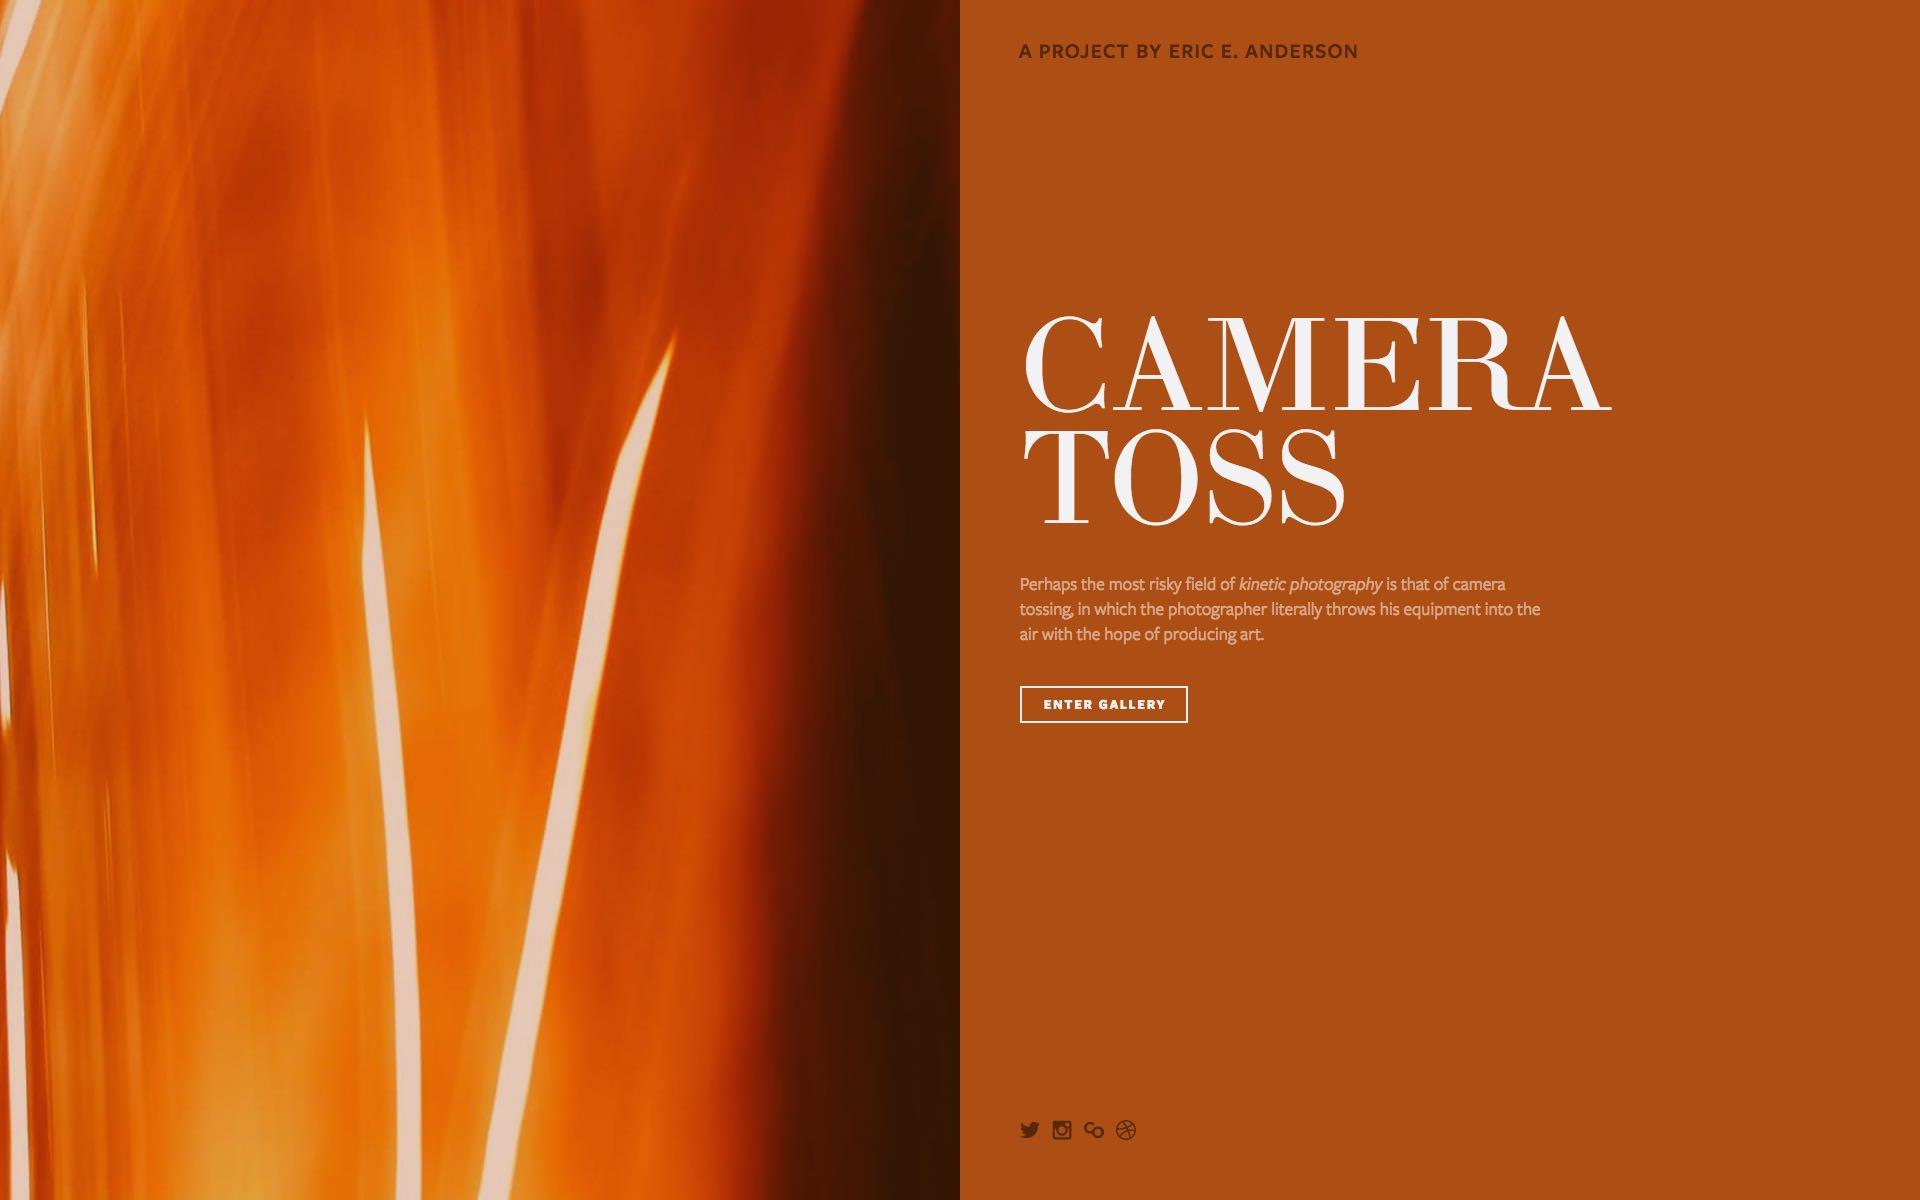 esquareda.com/project-camera-toss